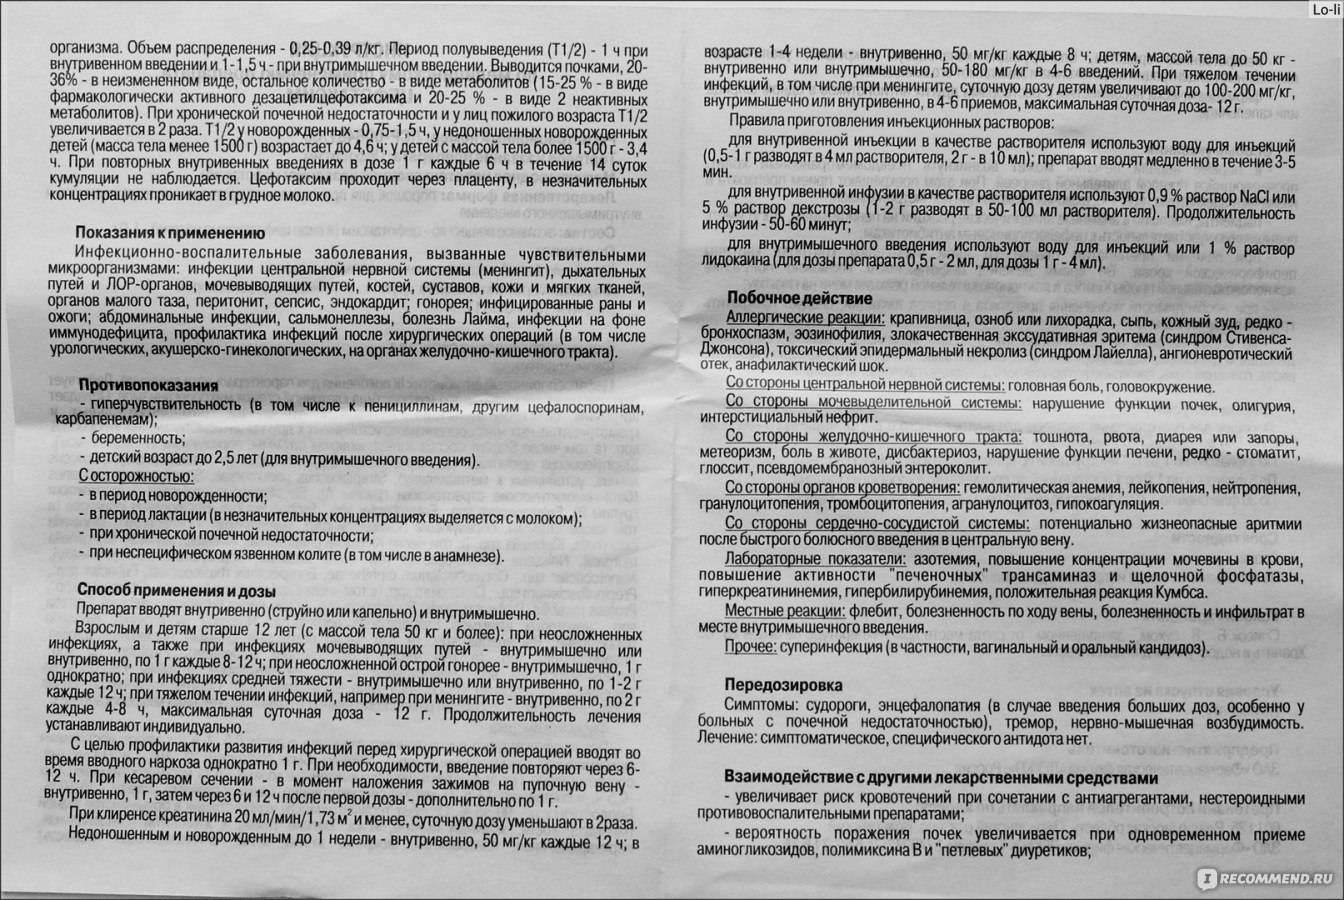 Цефтриаксон — инструкция по применению, описание, вопросы по препарату